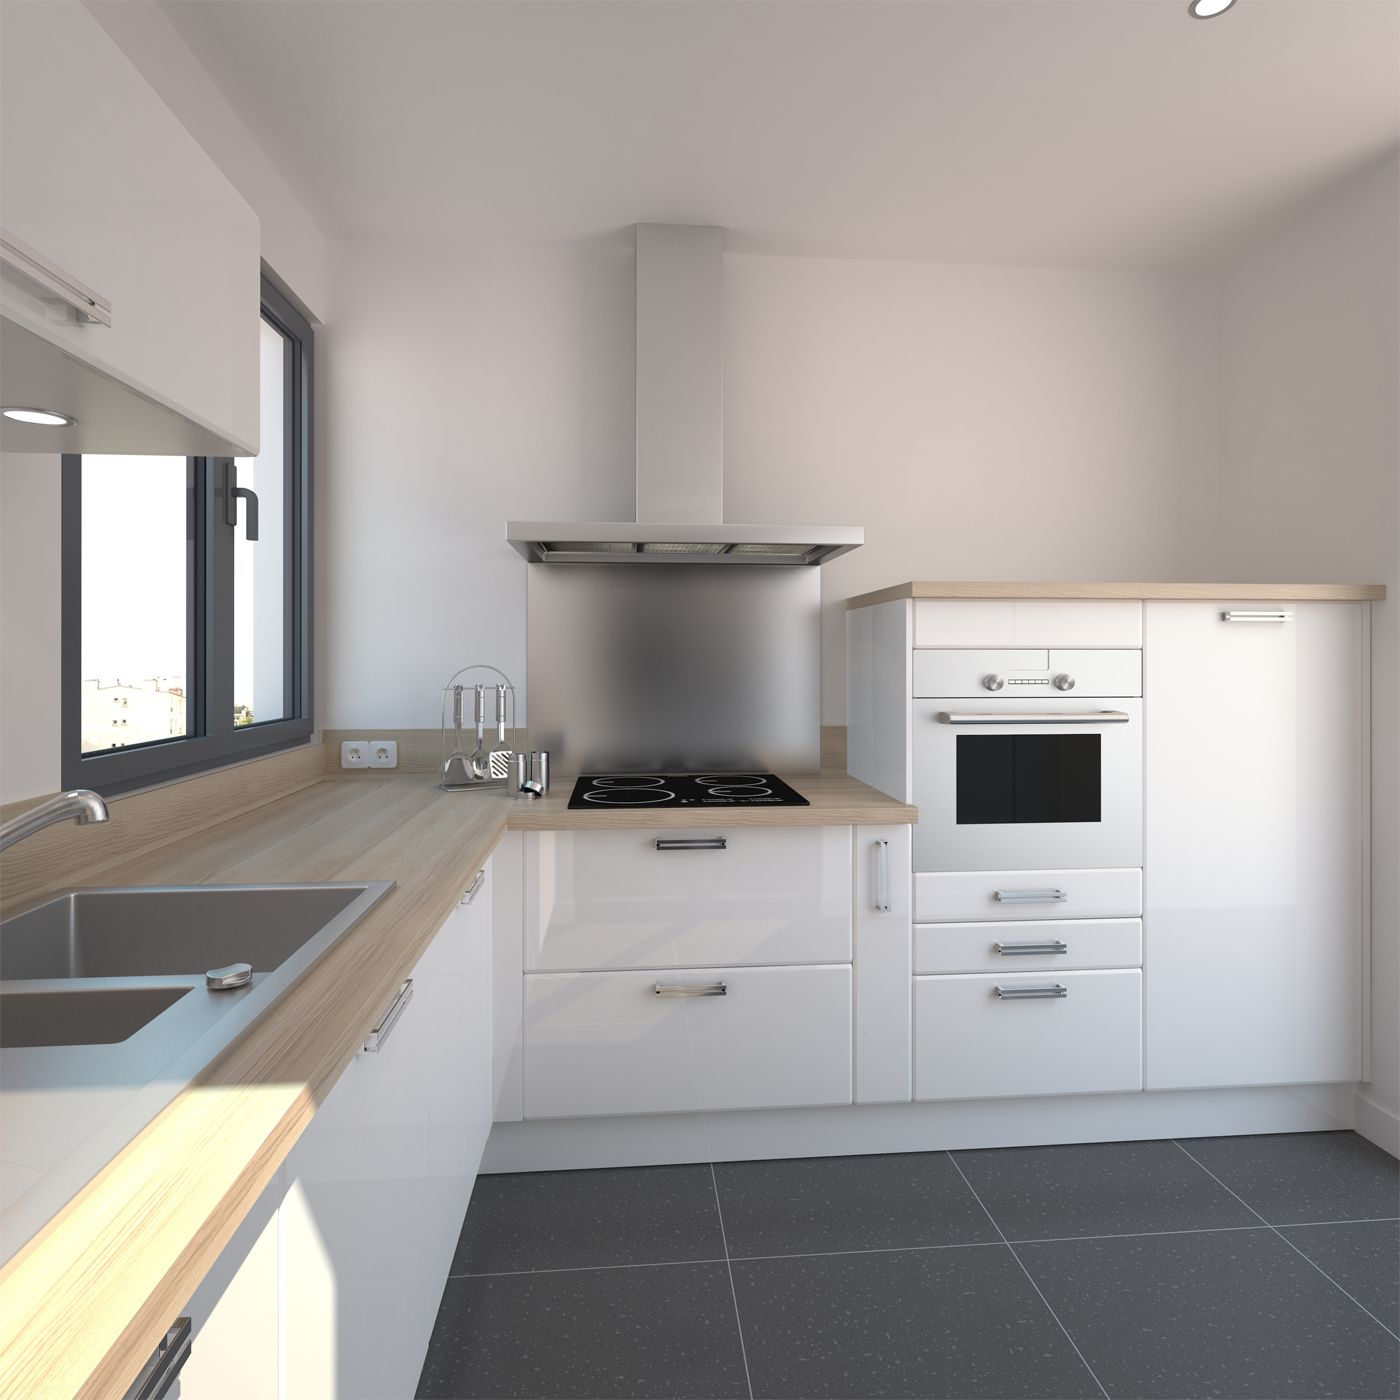 Cuisine Blanche Design Meuble IRIS Blanc Brillant Range Epice - Cuisine blanche avec parquet pour idees de deco de cuisine